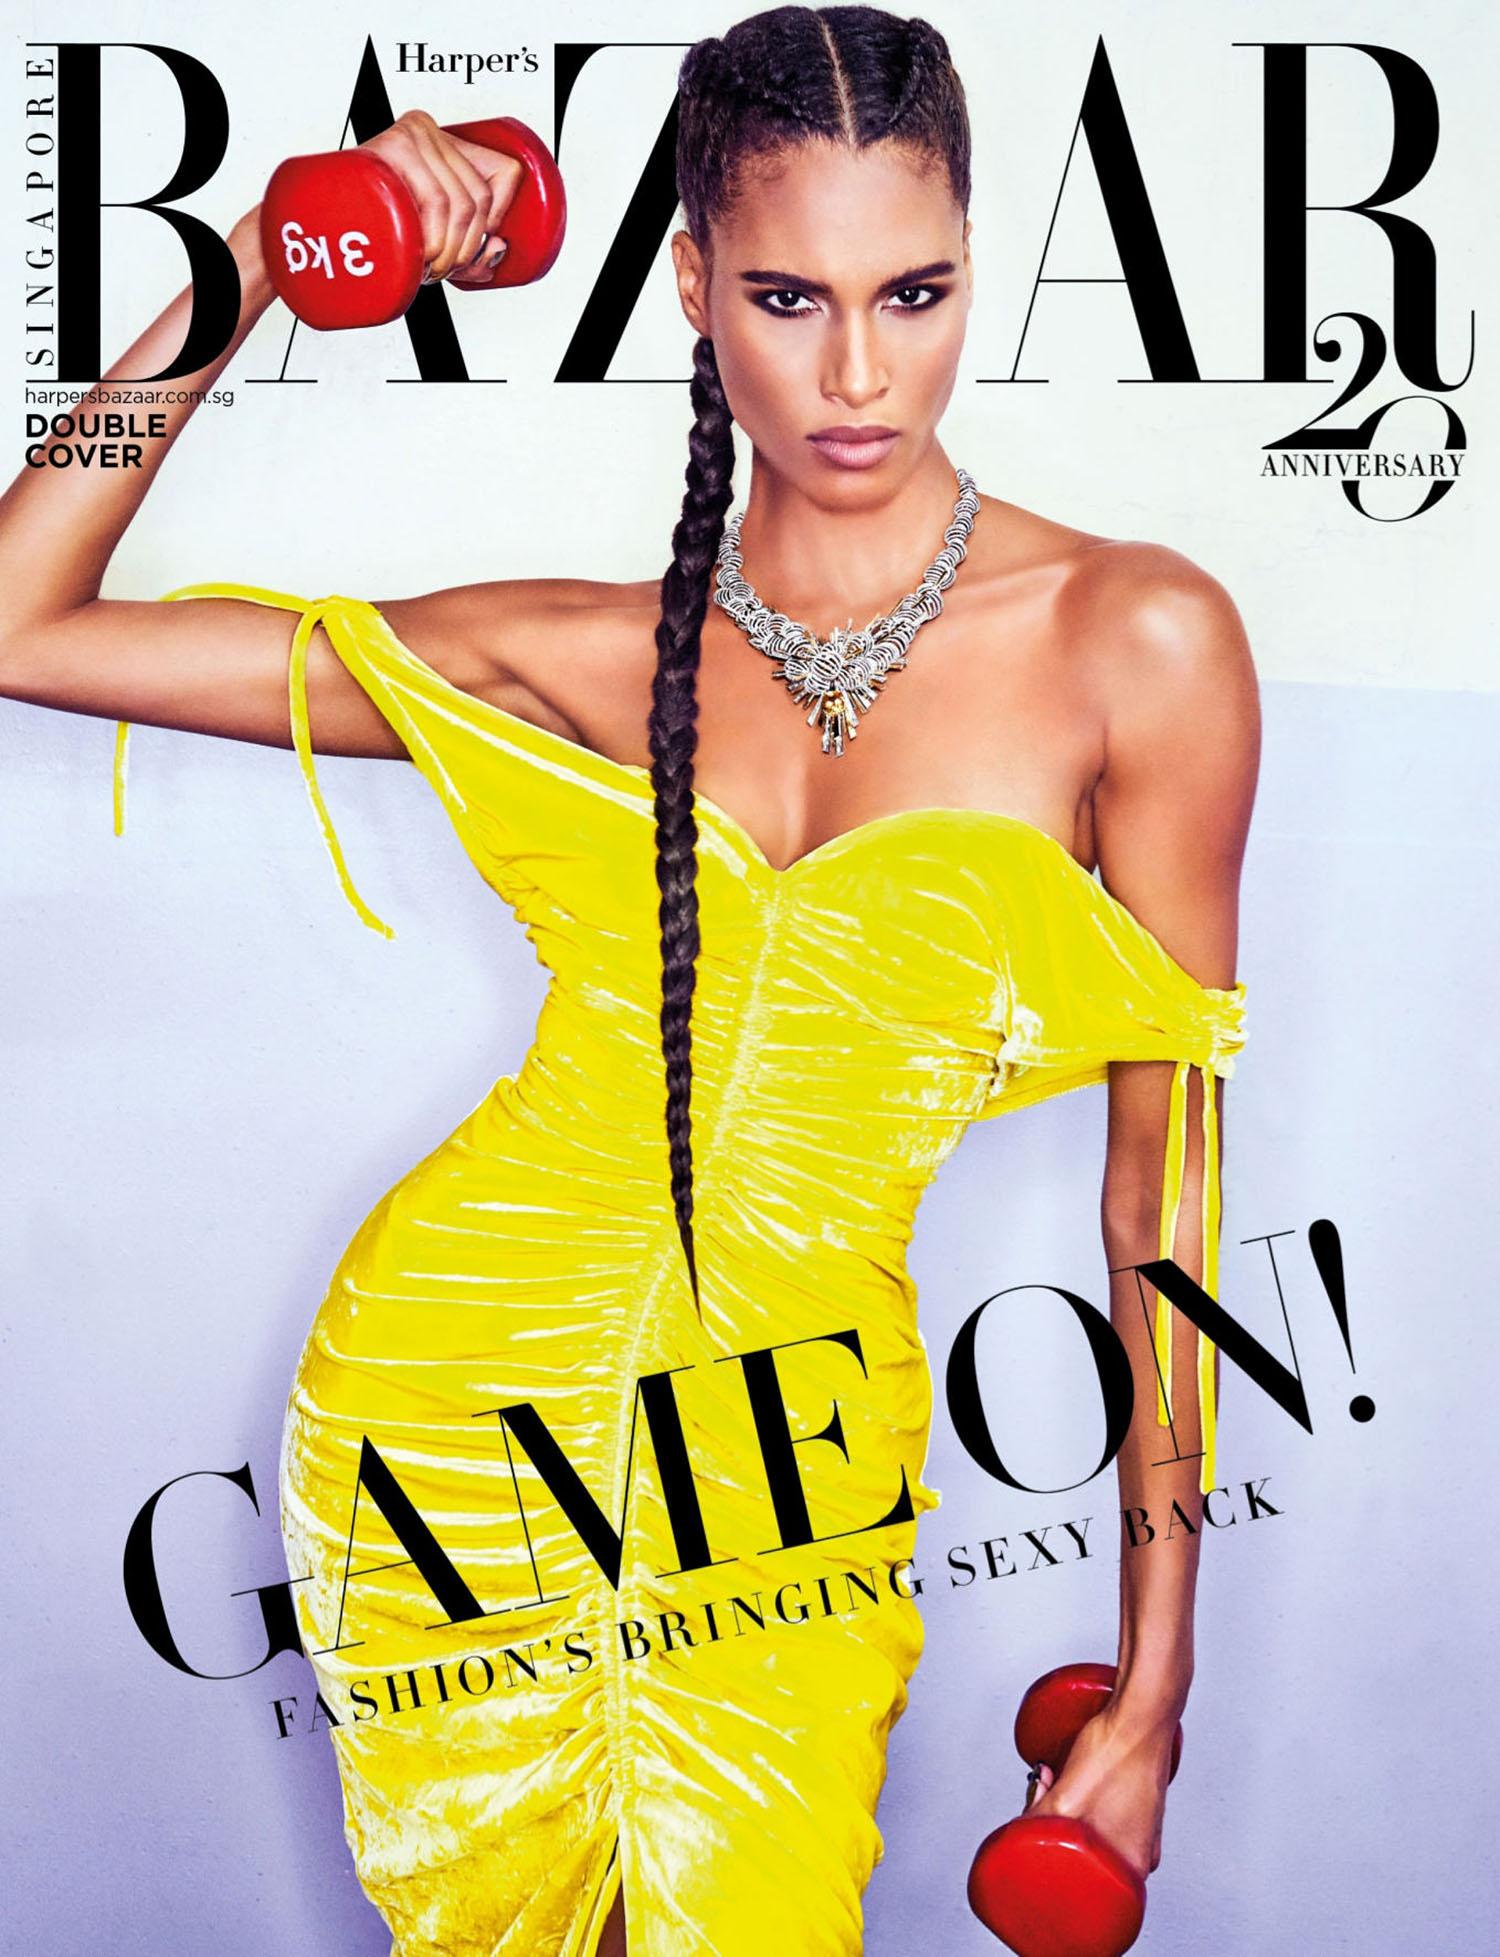 Cindy Bruna covers Harper's Bazaar Singapore July 2021 by Ellen von Unwerth